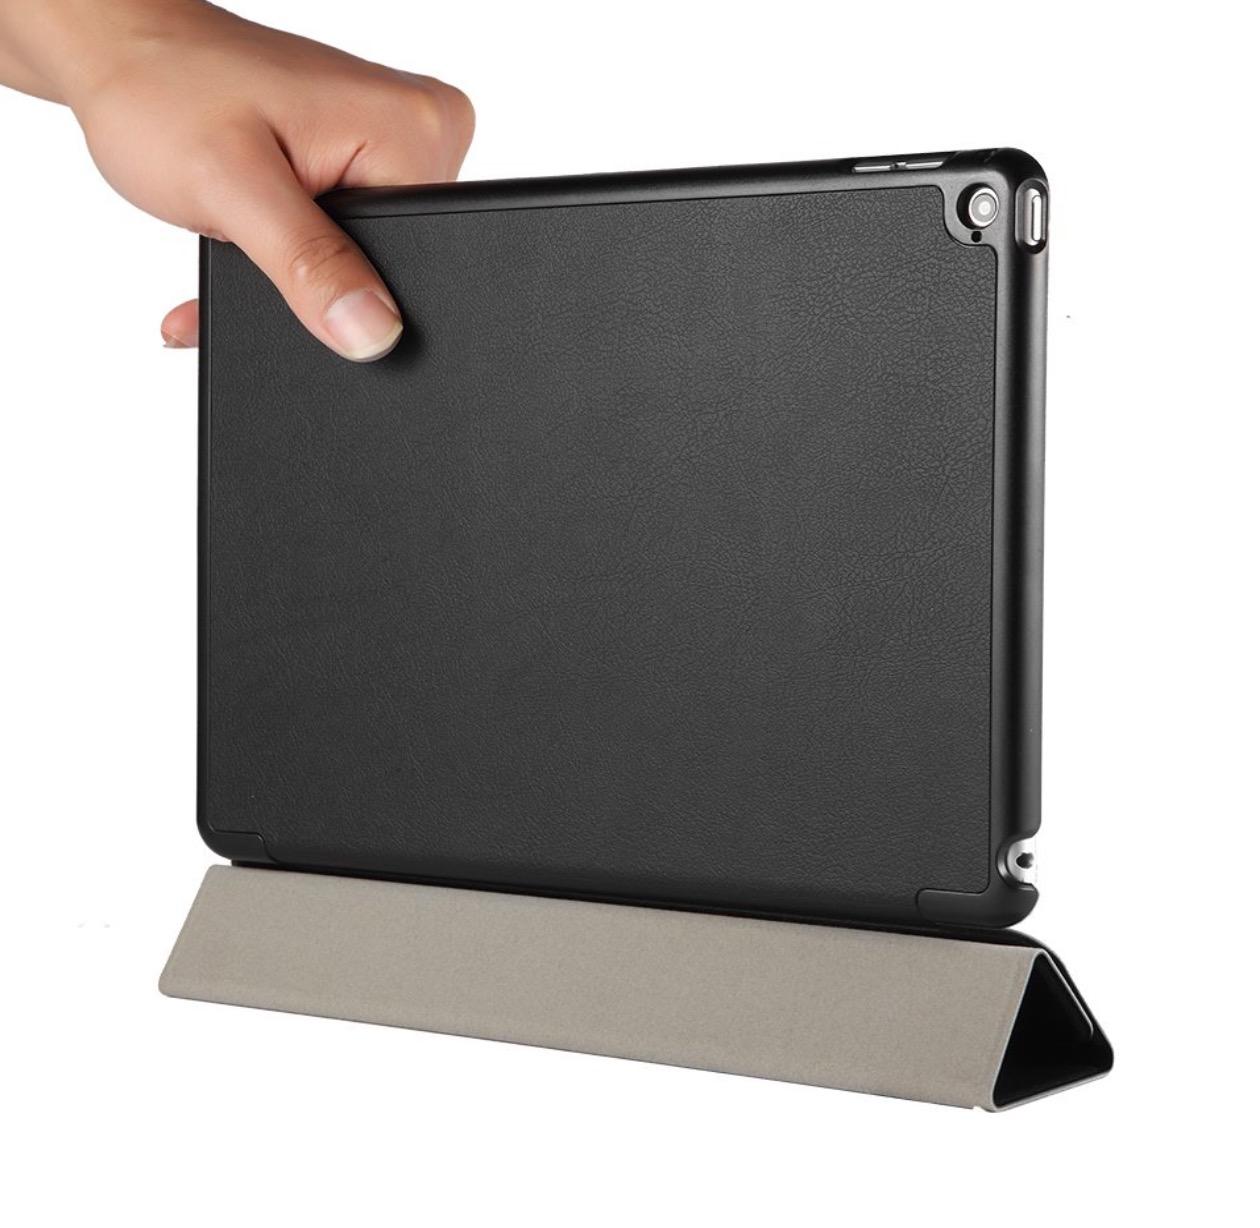 Sconto 11 euro per custodia iPad Air 2 con copertina e funzione leggìo: ultimo giorno